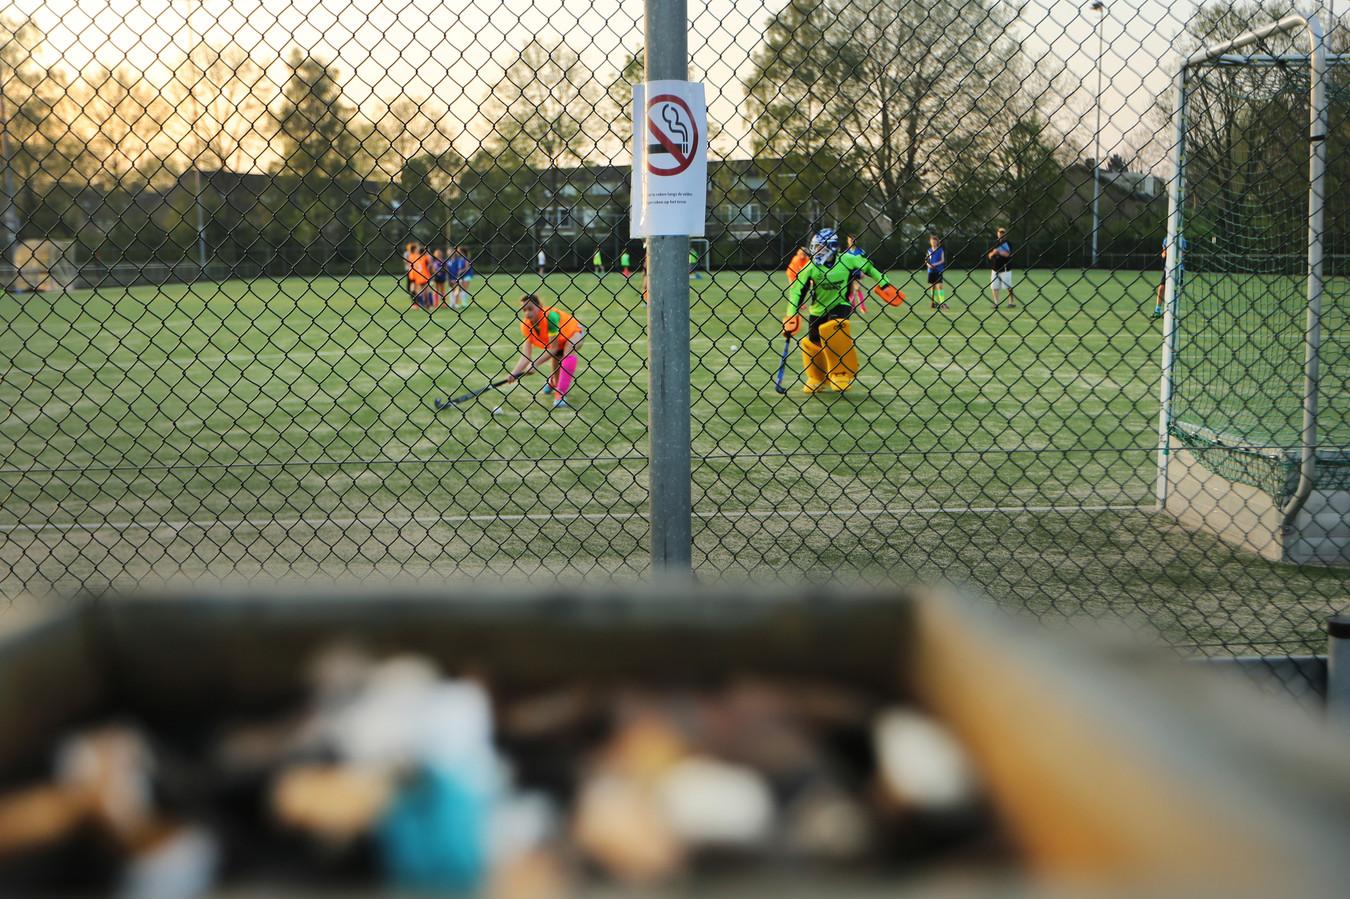 Een hockeyveld elders in Nederland. In Wijchen gaan ook peukenbakken op het terras weg, want nergens mag meer gerookt worden.